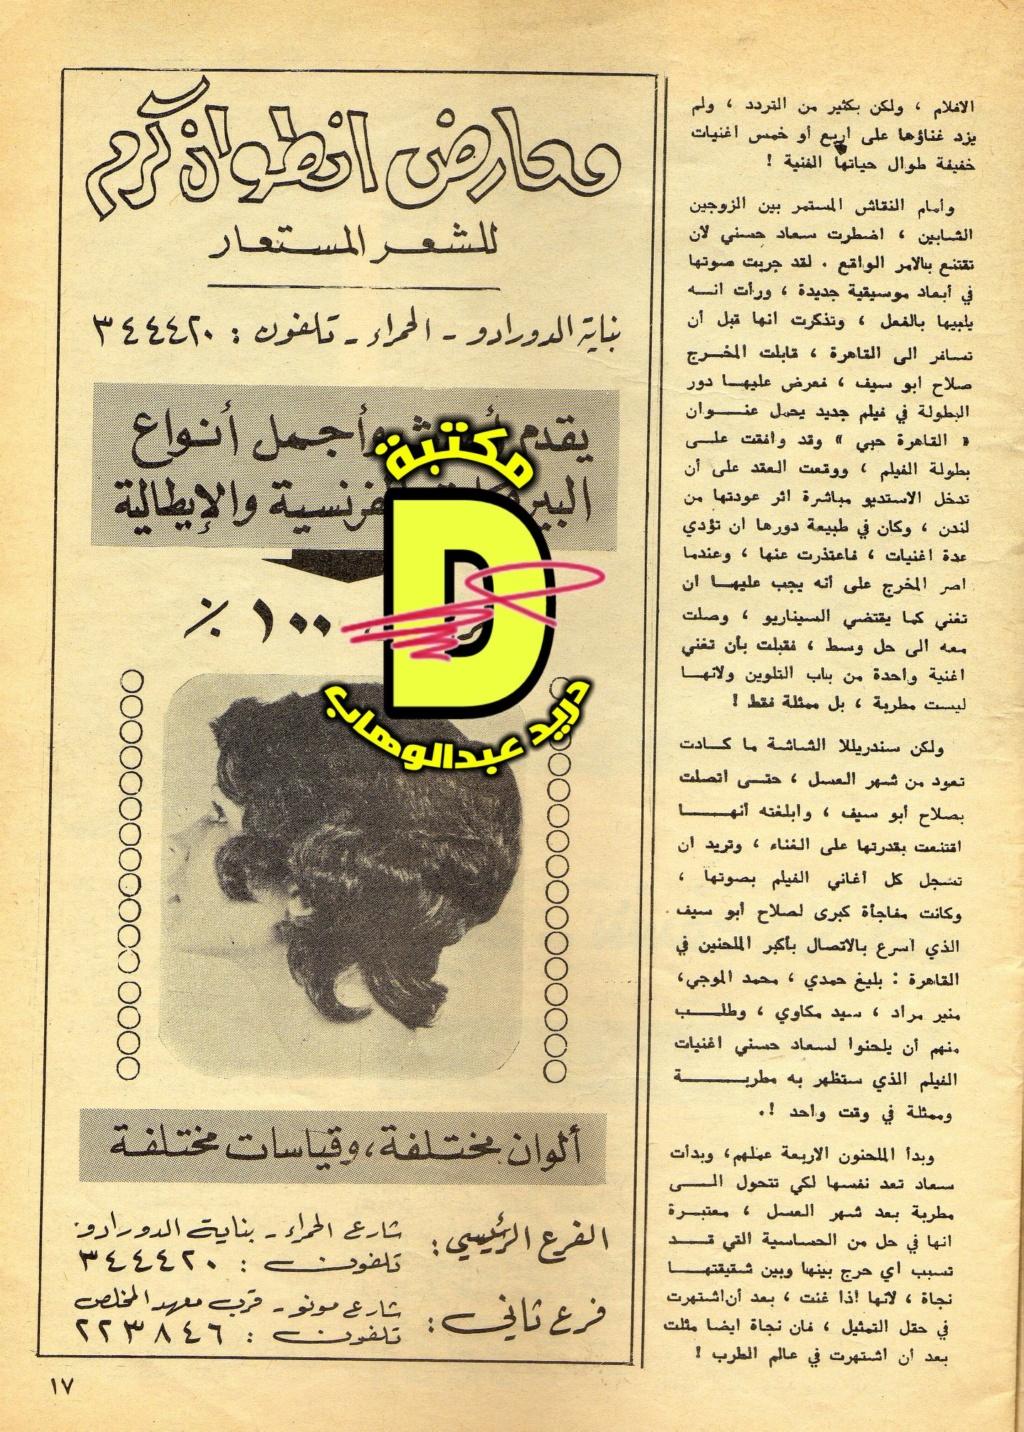 مقال صحفي : سعاد حسني تحولت بعد شهر العسل إلى مطربة ! 1973 م 420